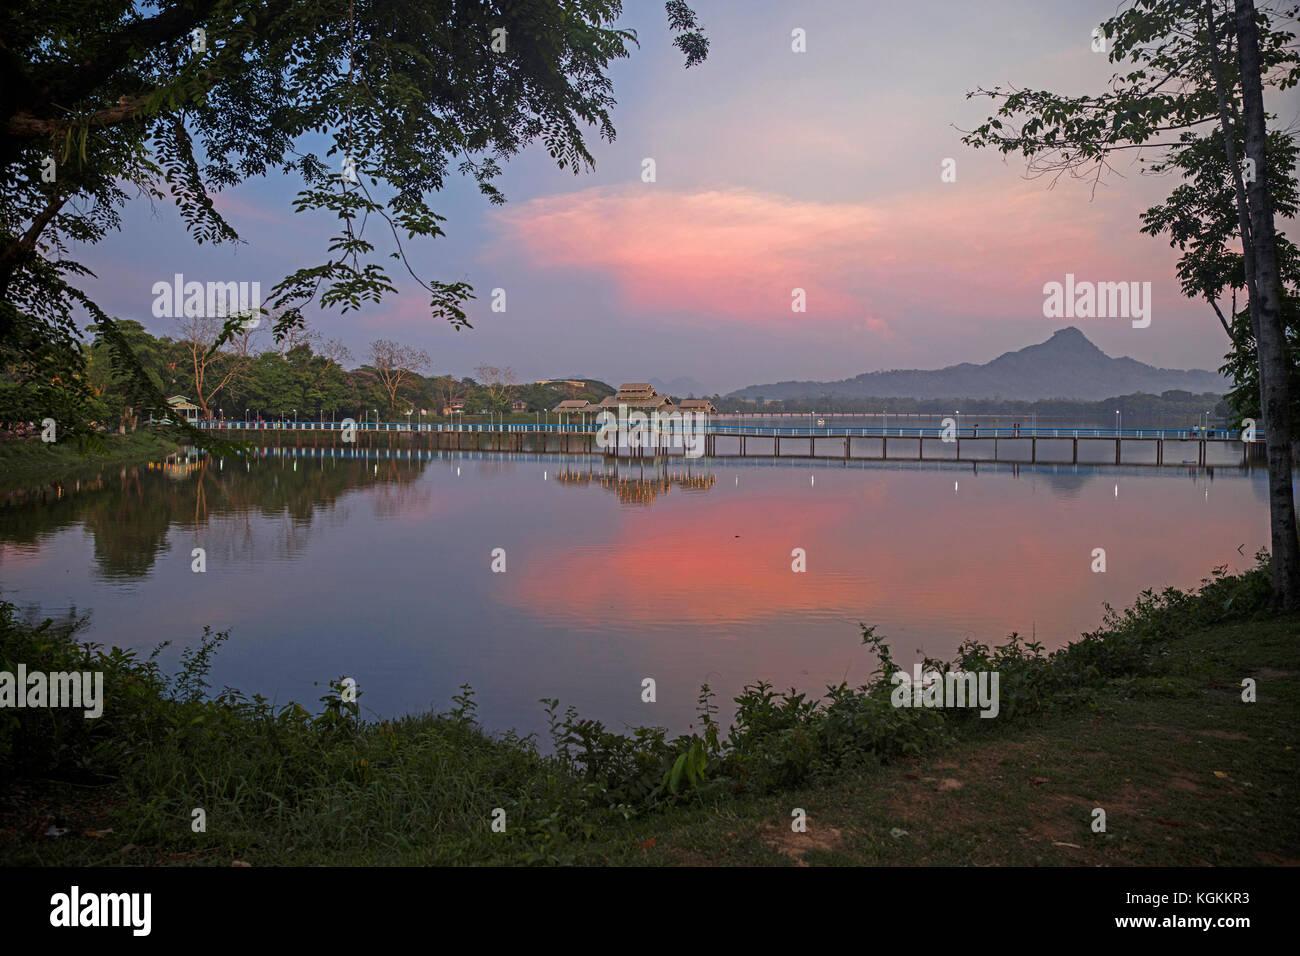 Ponte in legno sul kan thar yar lago al tramonto, di Hpa-an, kayin membro / karen stato, myanmar / BIRMANIA Immagini Stock